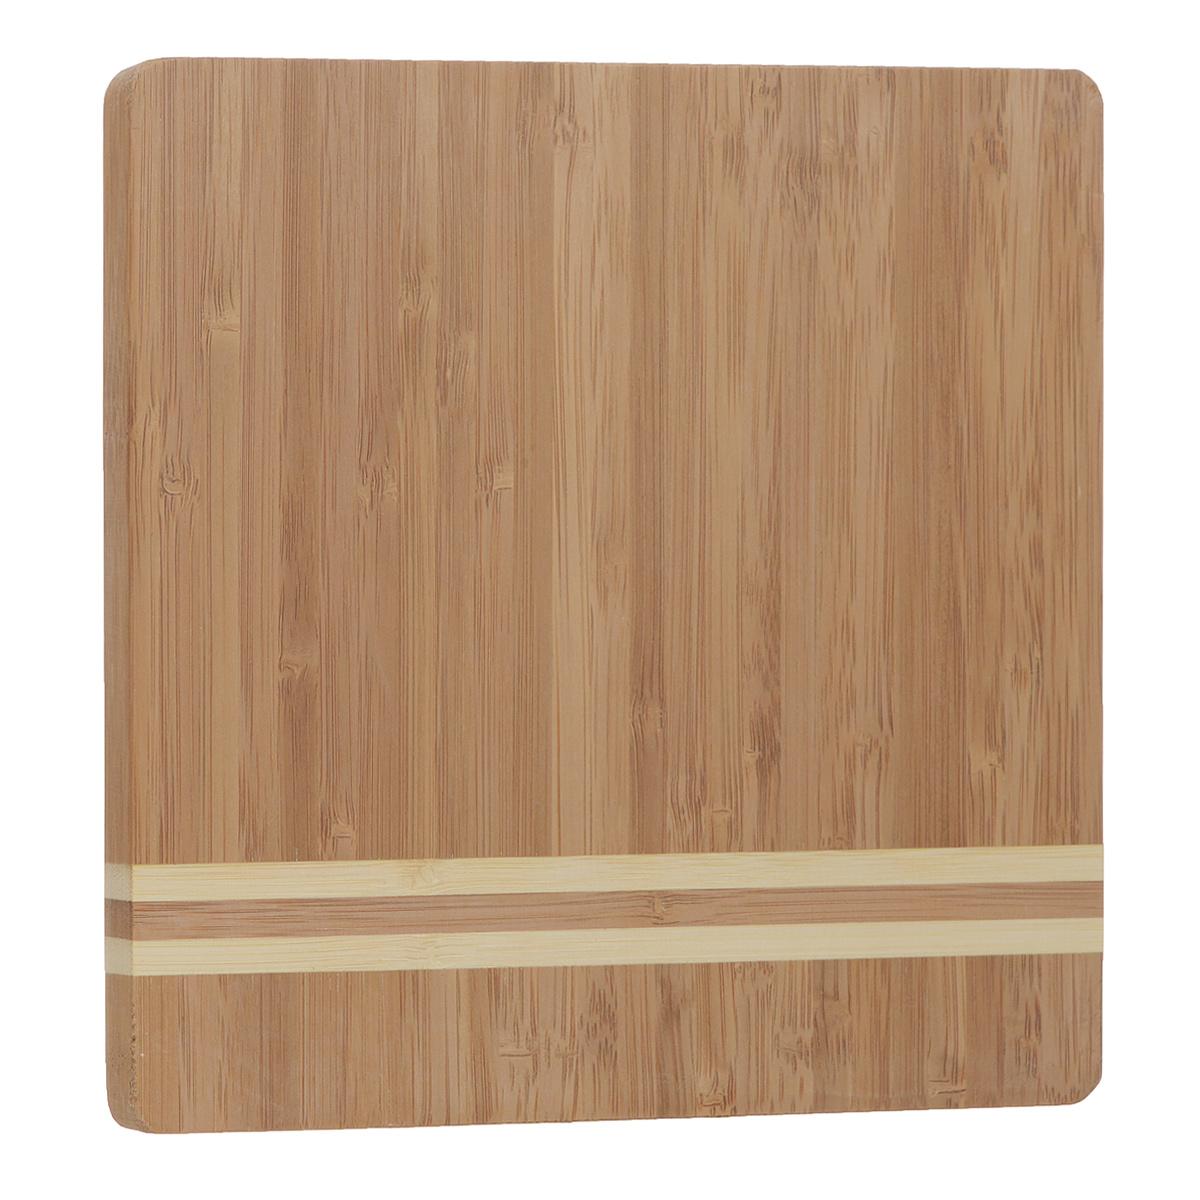 Доска разделочная Bekker, бамбуковая, 20 см х 20 см. BK-9724BK-9724Квадратная разделочная доска Bekker изготовлена из высококачественной древесины бамбука, обладающей антибактериальными свойствами. Бамбук - инновационный материал, идеально подходящий для разделочных досок. Доски из бамбука обладают высокой плотностью структуры древесины, а также устойчивы к механическим воздействиям. Функциональная и простая в использовании, разделочная доска Bekker прекрасно впишется в интерьер любой кухни и прослужит вам долгие годы.